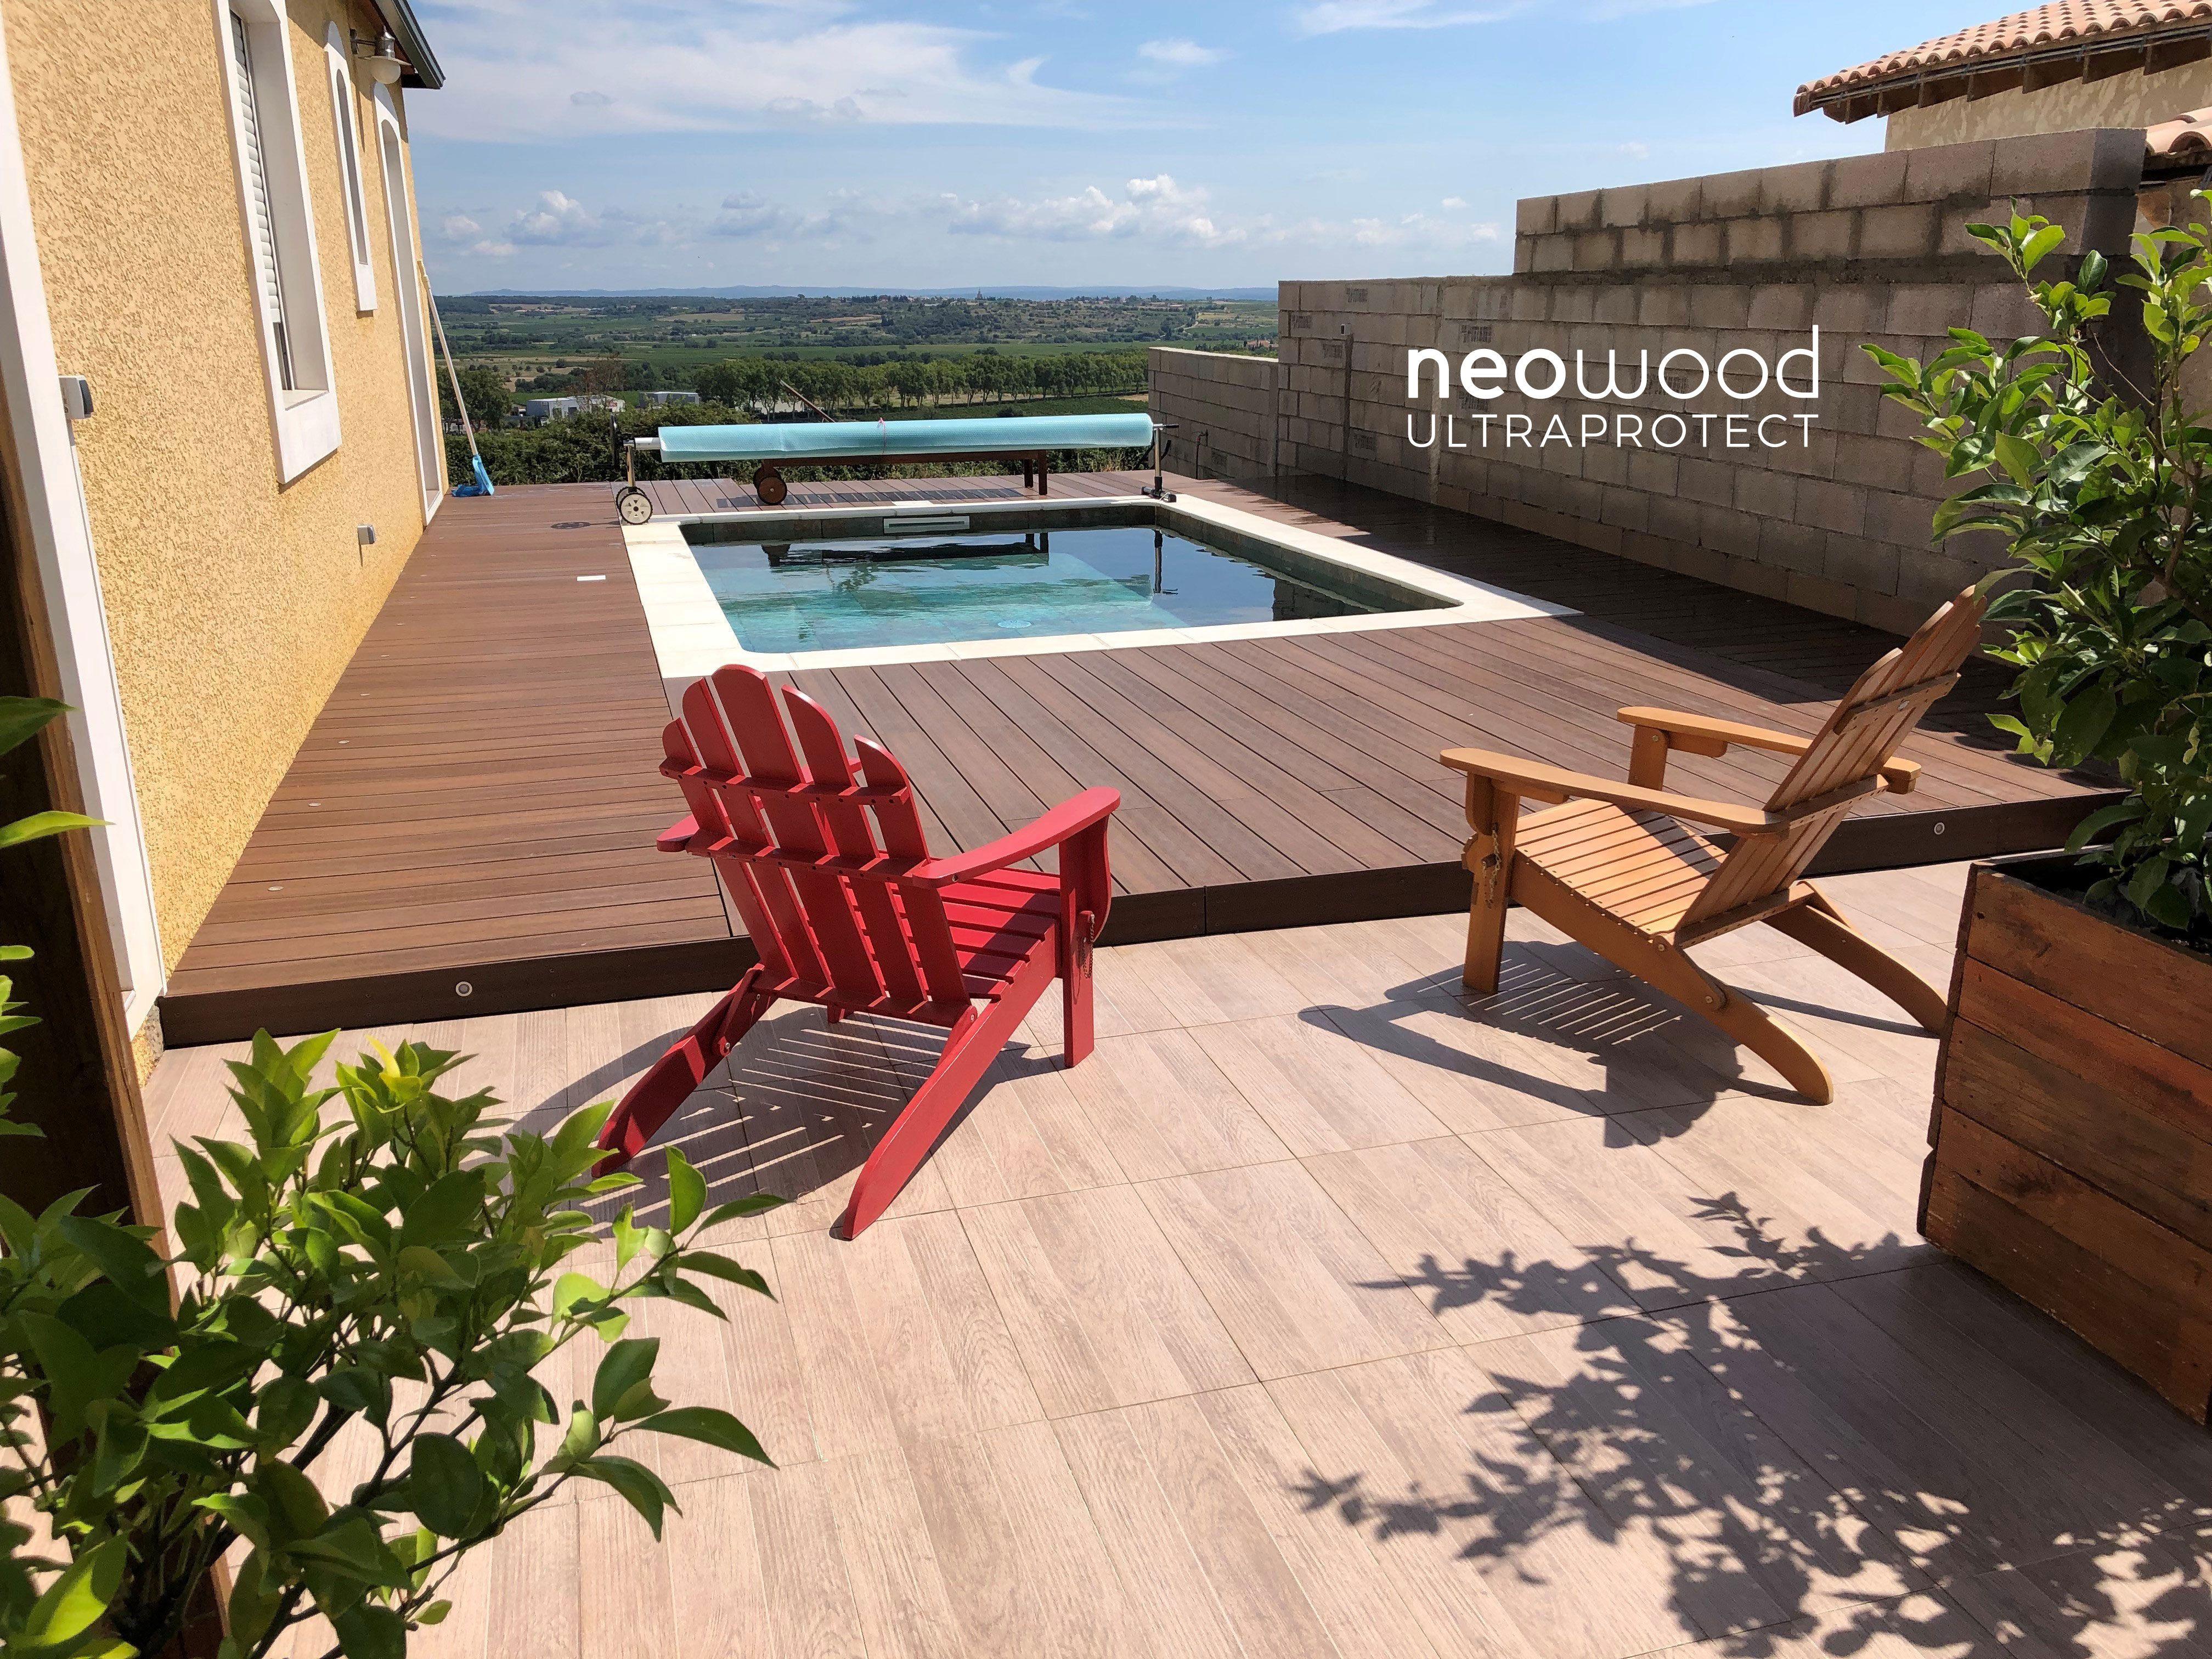 Terrasse En Bois Composite Ultraprotect Neowood Teinte Ipe Terrasse Bois Composite Terrasse Claire Voie